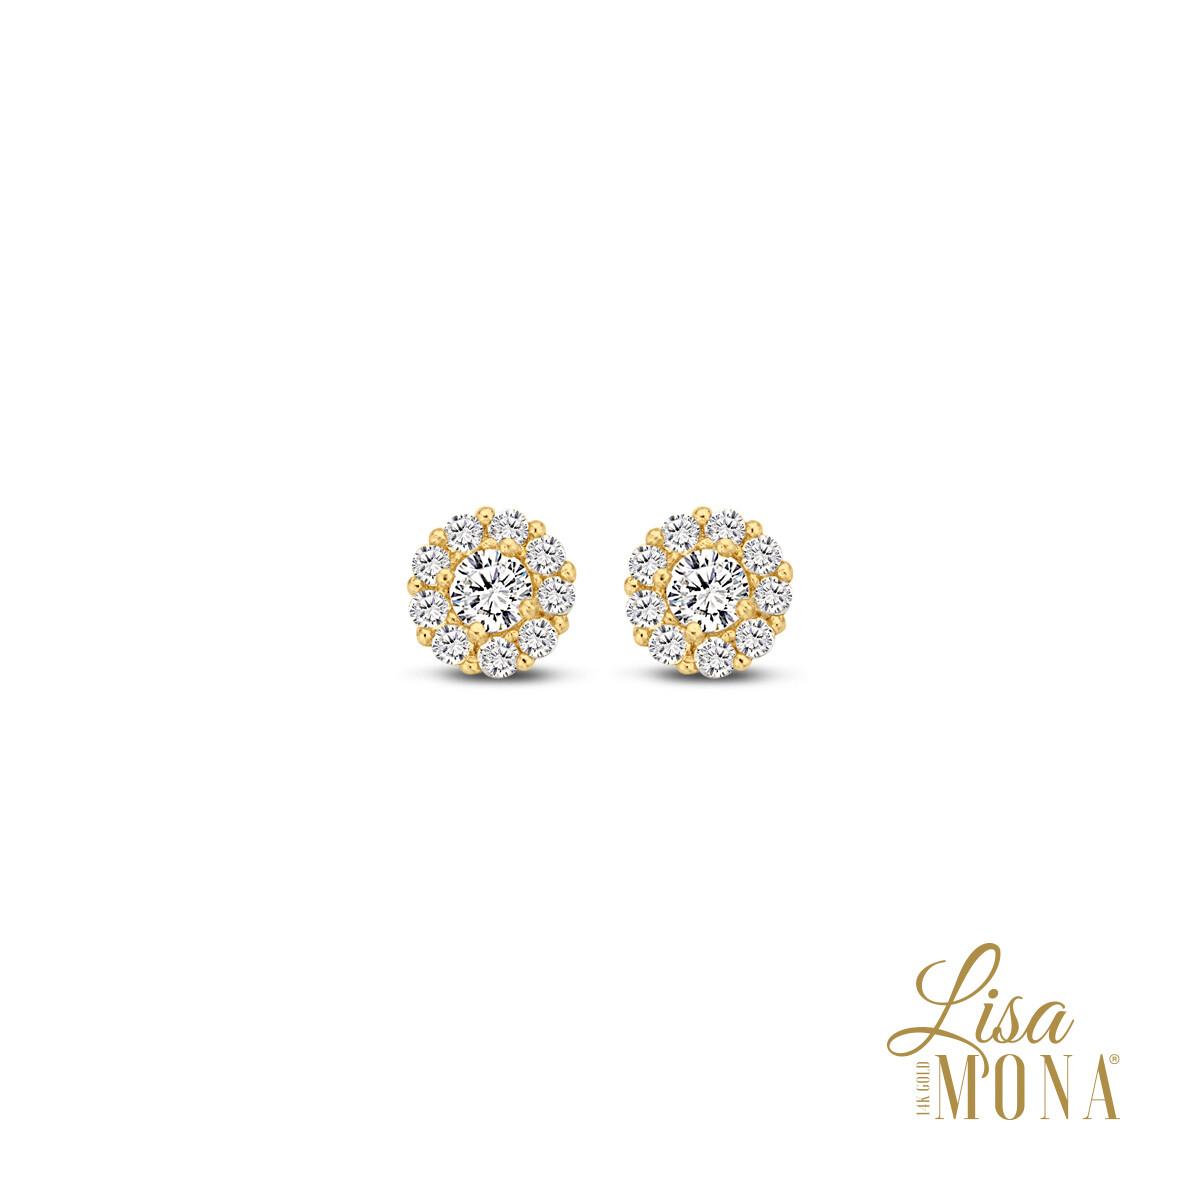 Boucles d'oreilles Lisa Mona LM/G0083